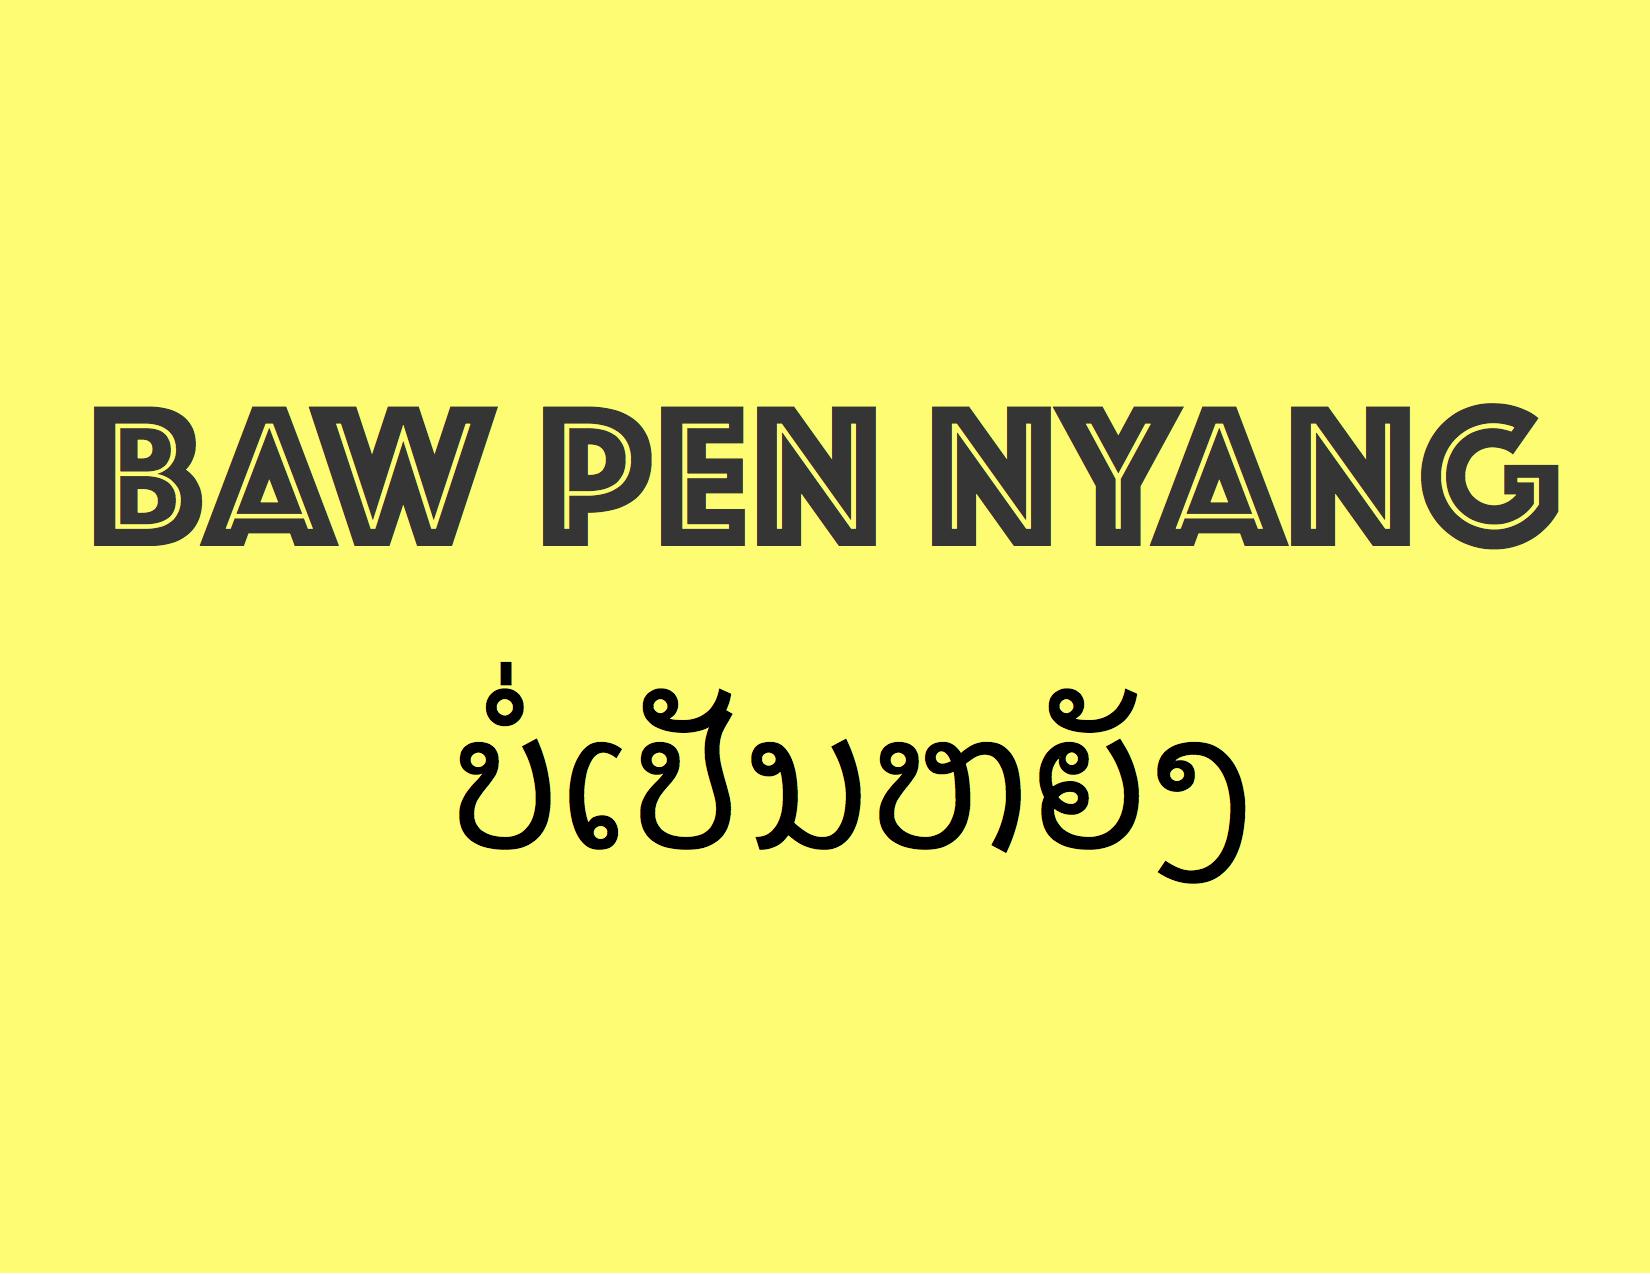 BawPenNyang.jpg